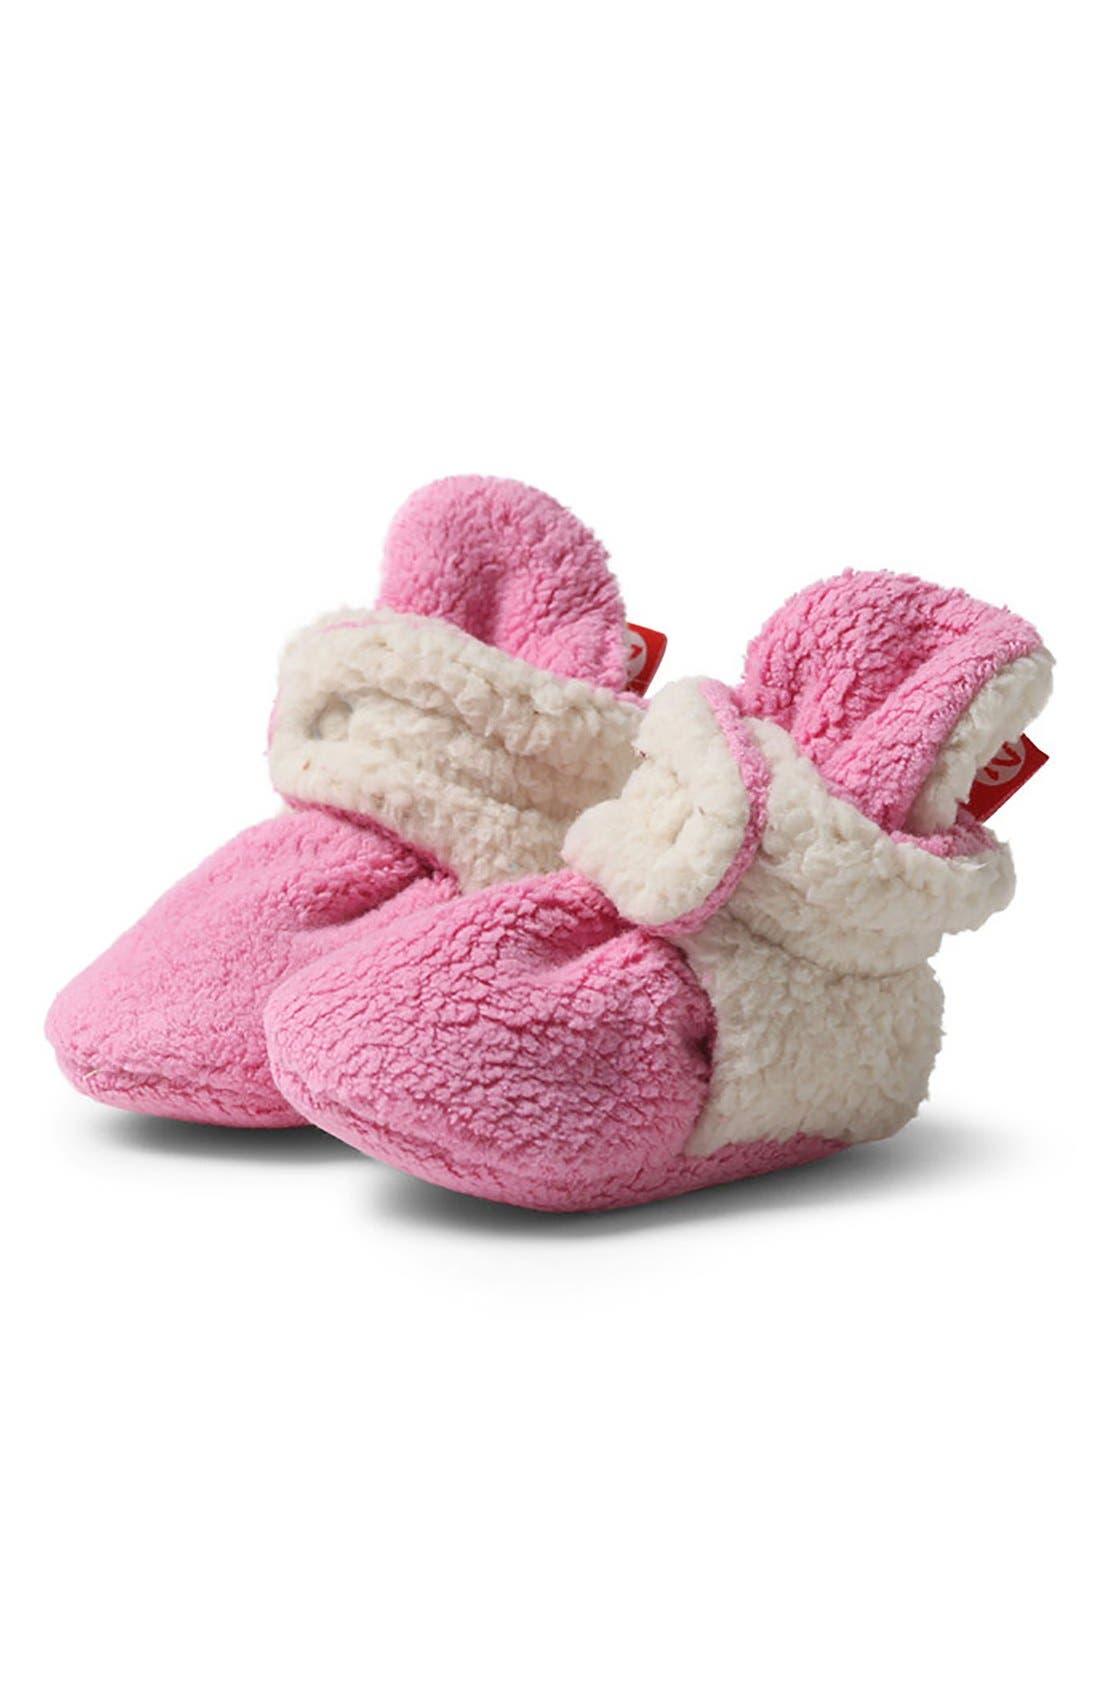 Alternate Image 1 Selected - Zutano 'Cozie' Fleece Booties (Baby)